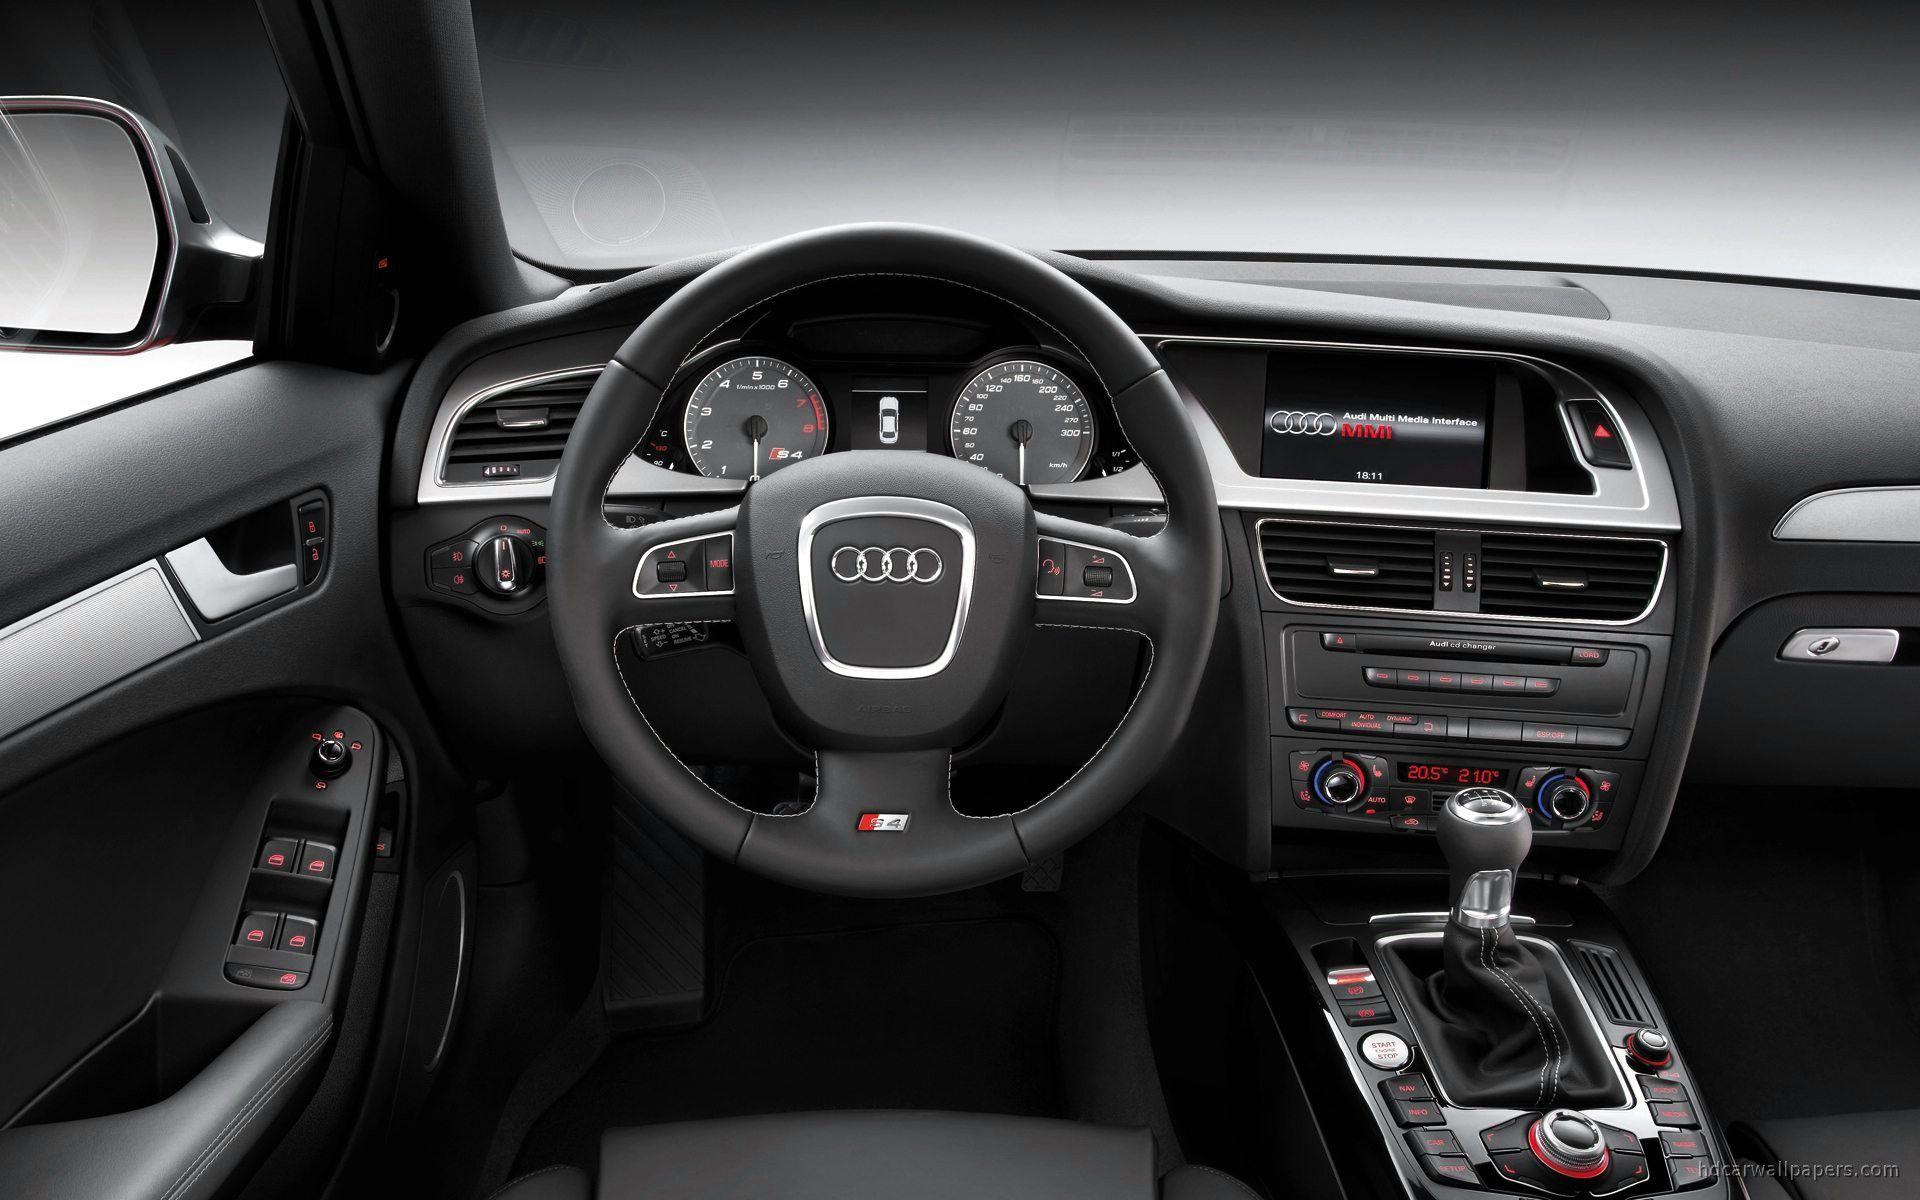 Audi R Wallpaper Audi Cars Wallpapers In Jpg Format For Free - Audi car 4k wallpaper